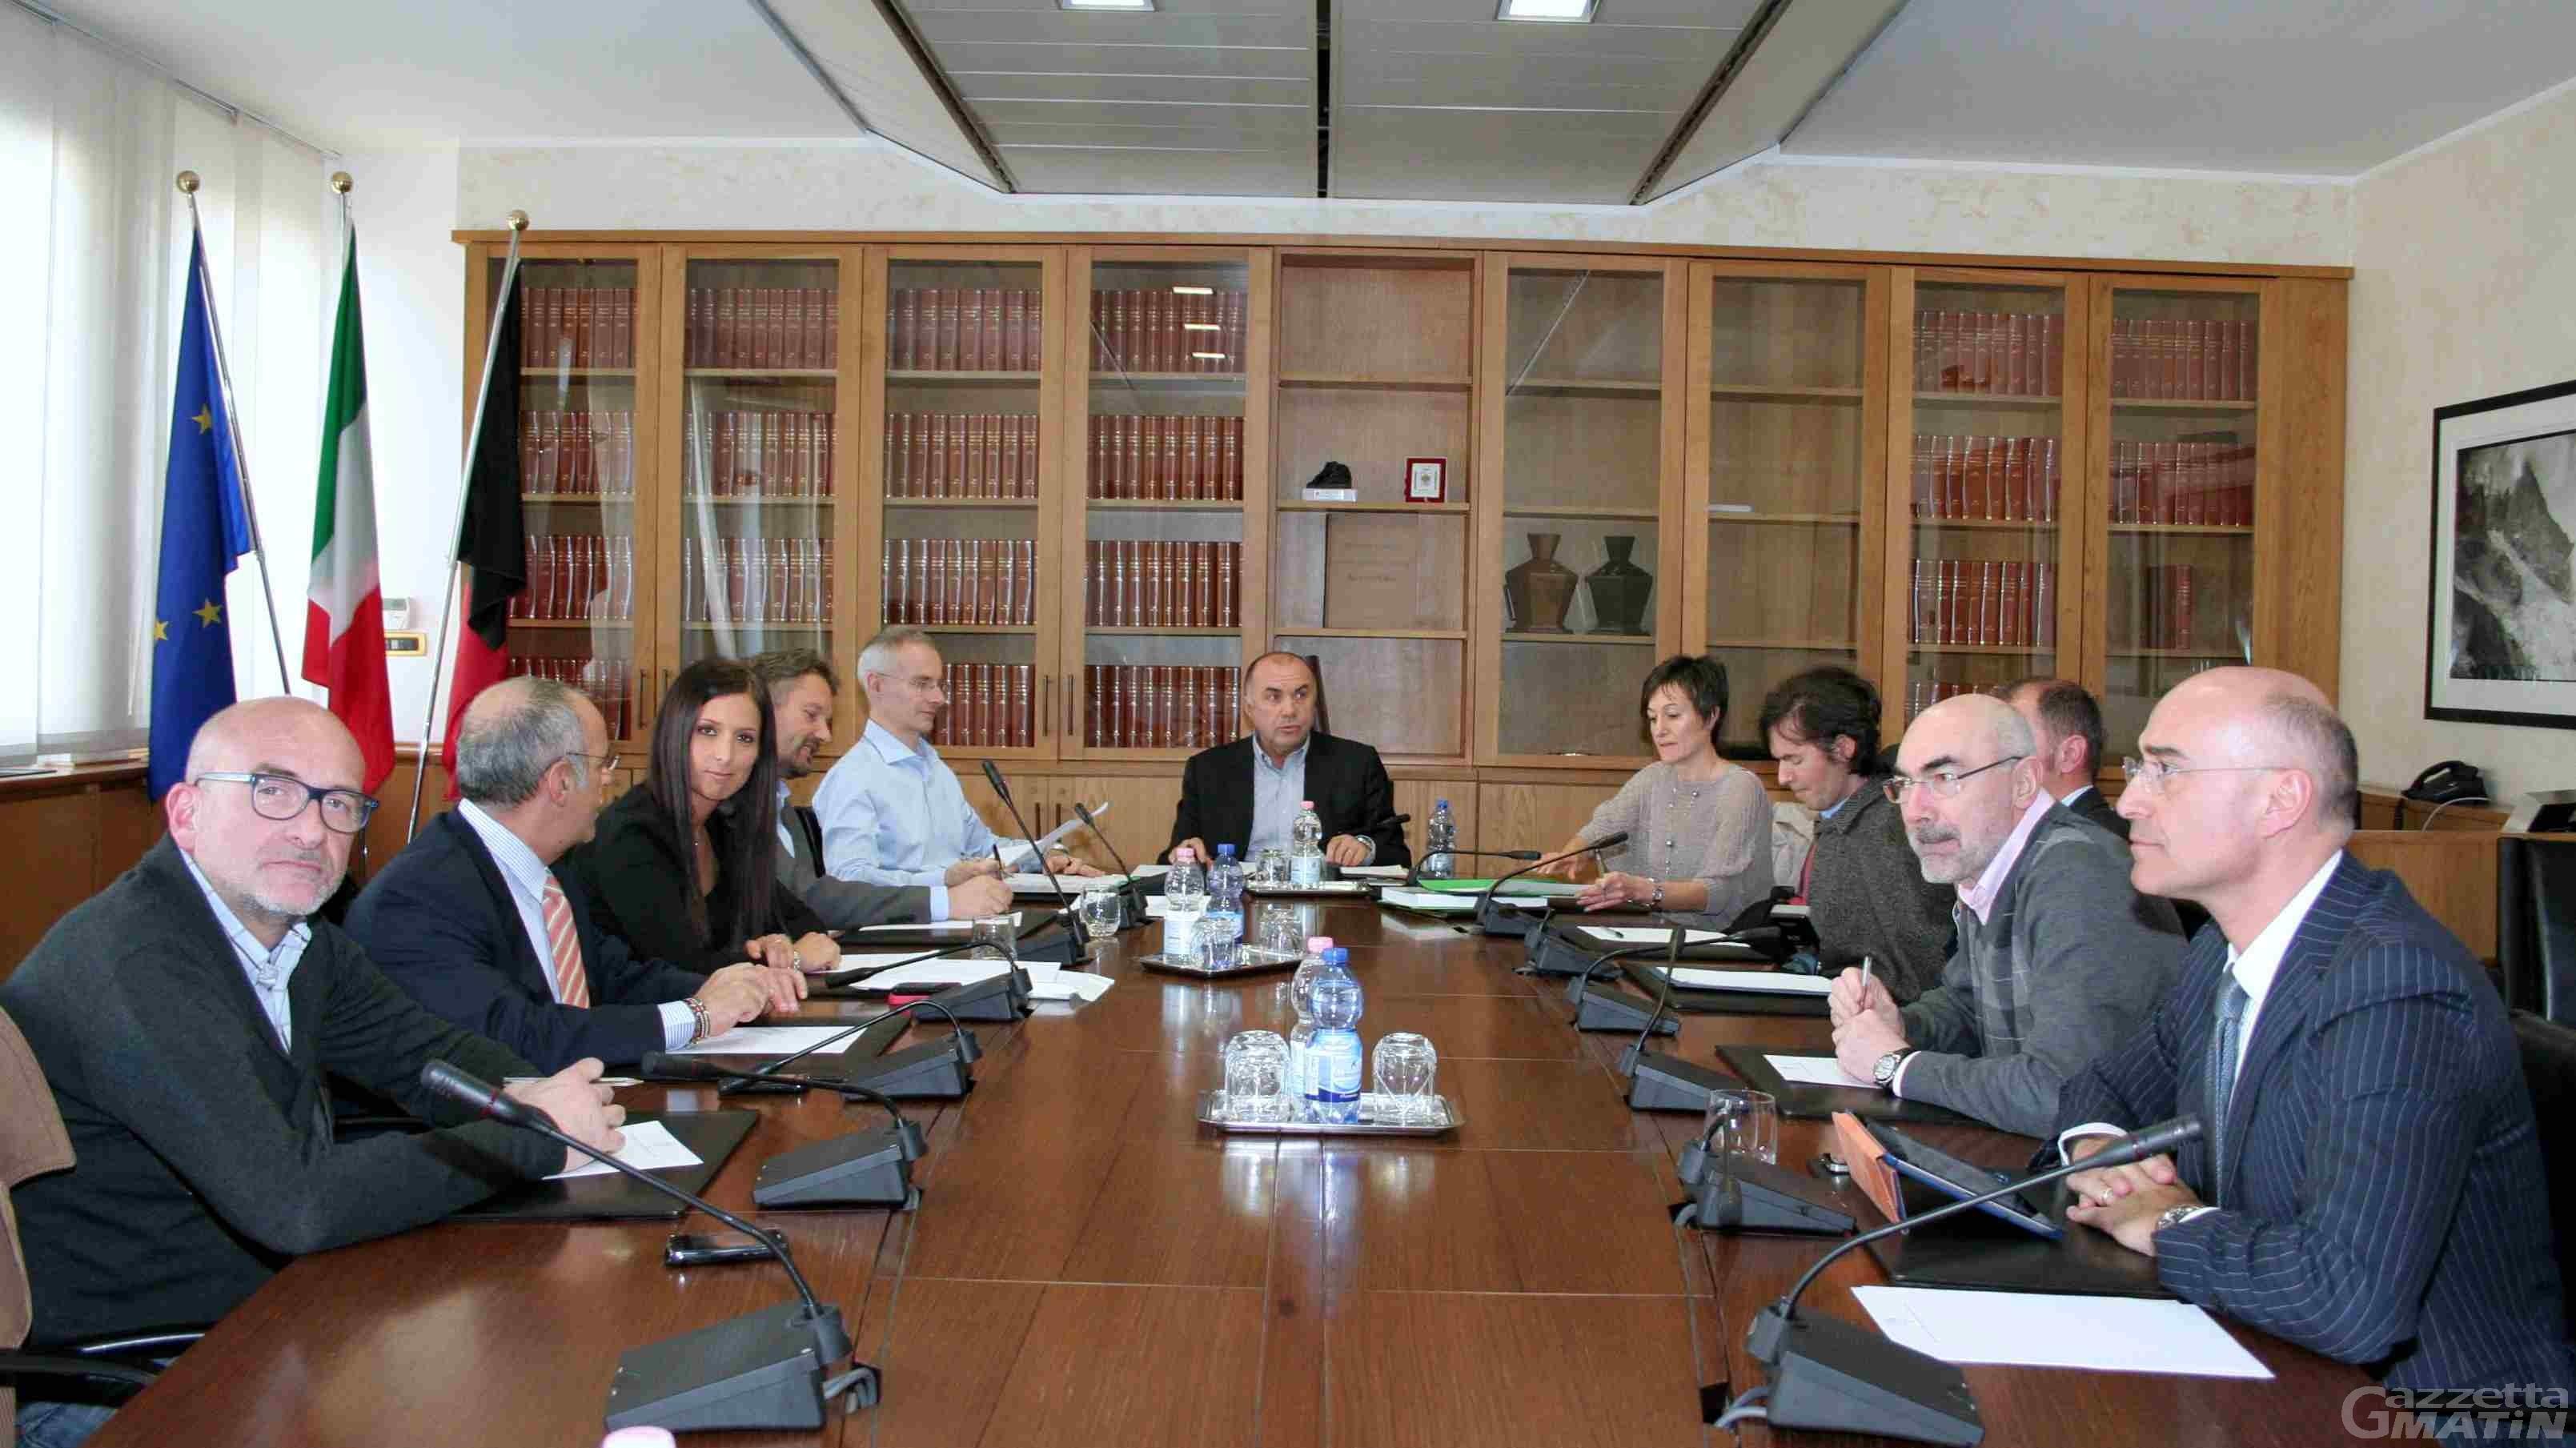 A Francesco Salzone la vicepresidenza della Commissione antimafia